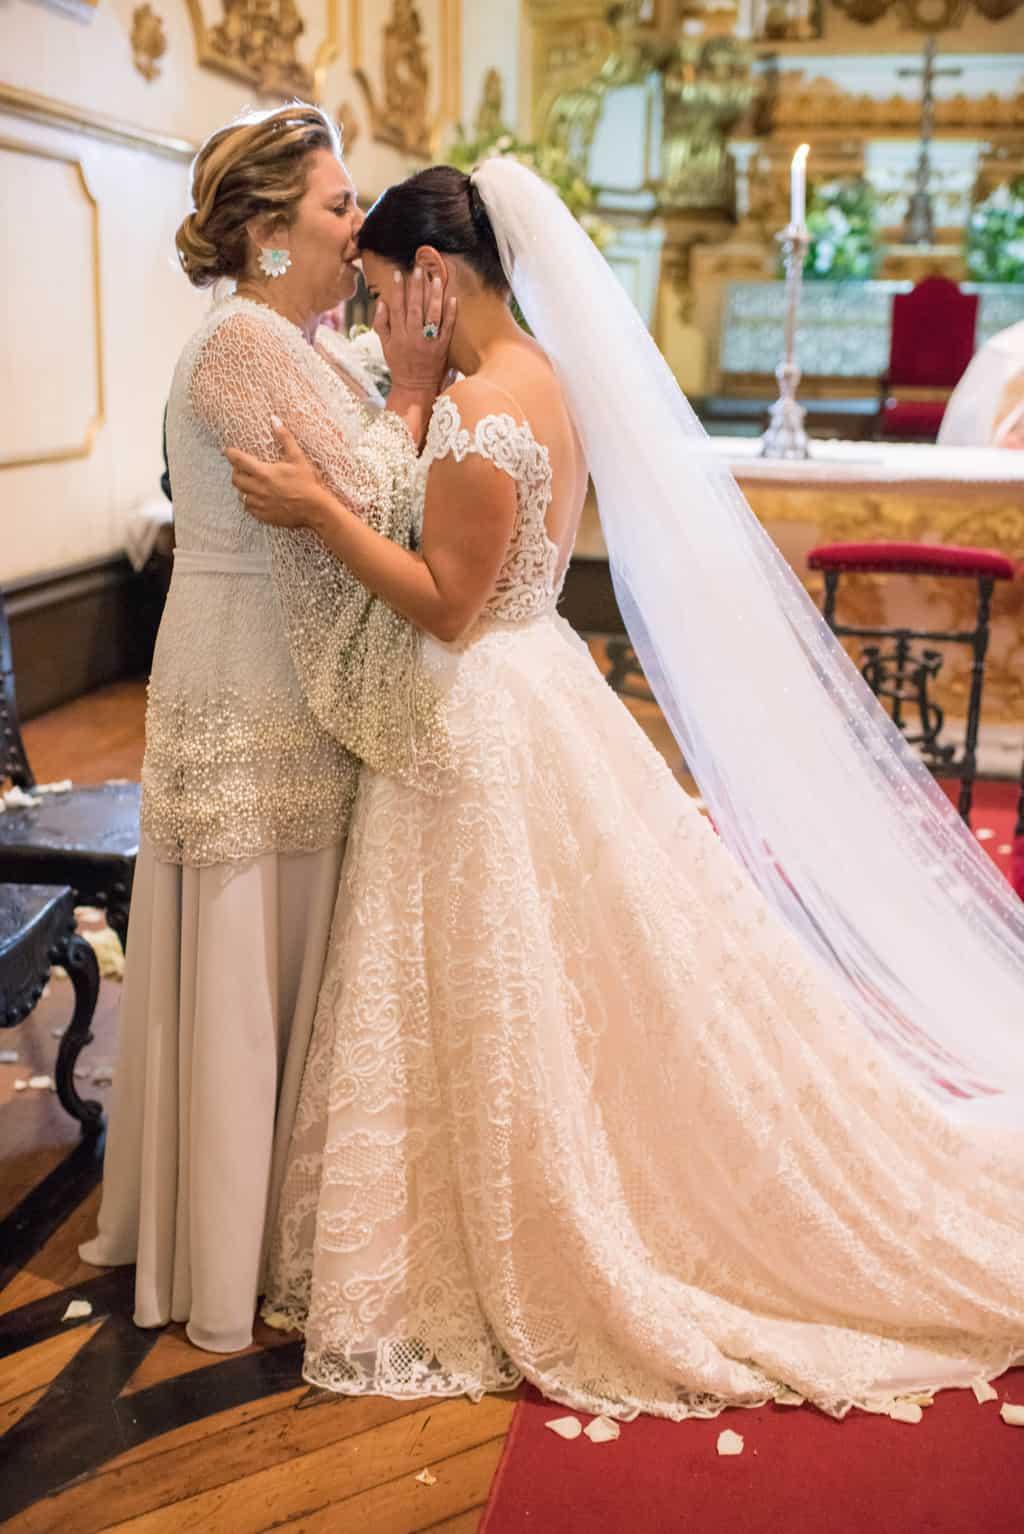 casamenot-Carolina-e-Thiago-casamento-clássico-Rio-de-Janeiro-Fotografia-Marina-Fava41